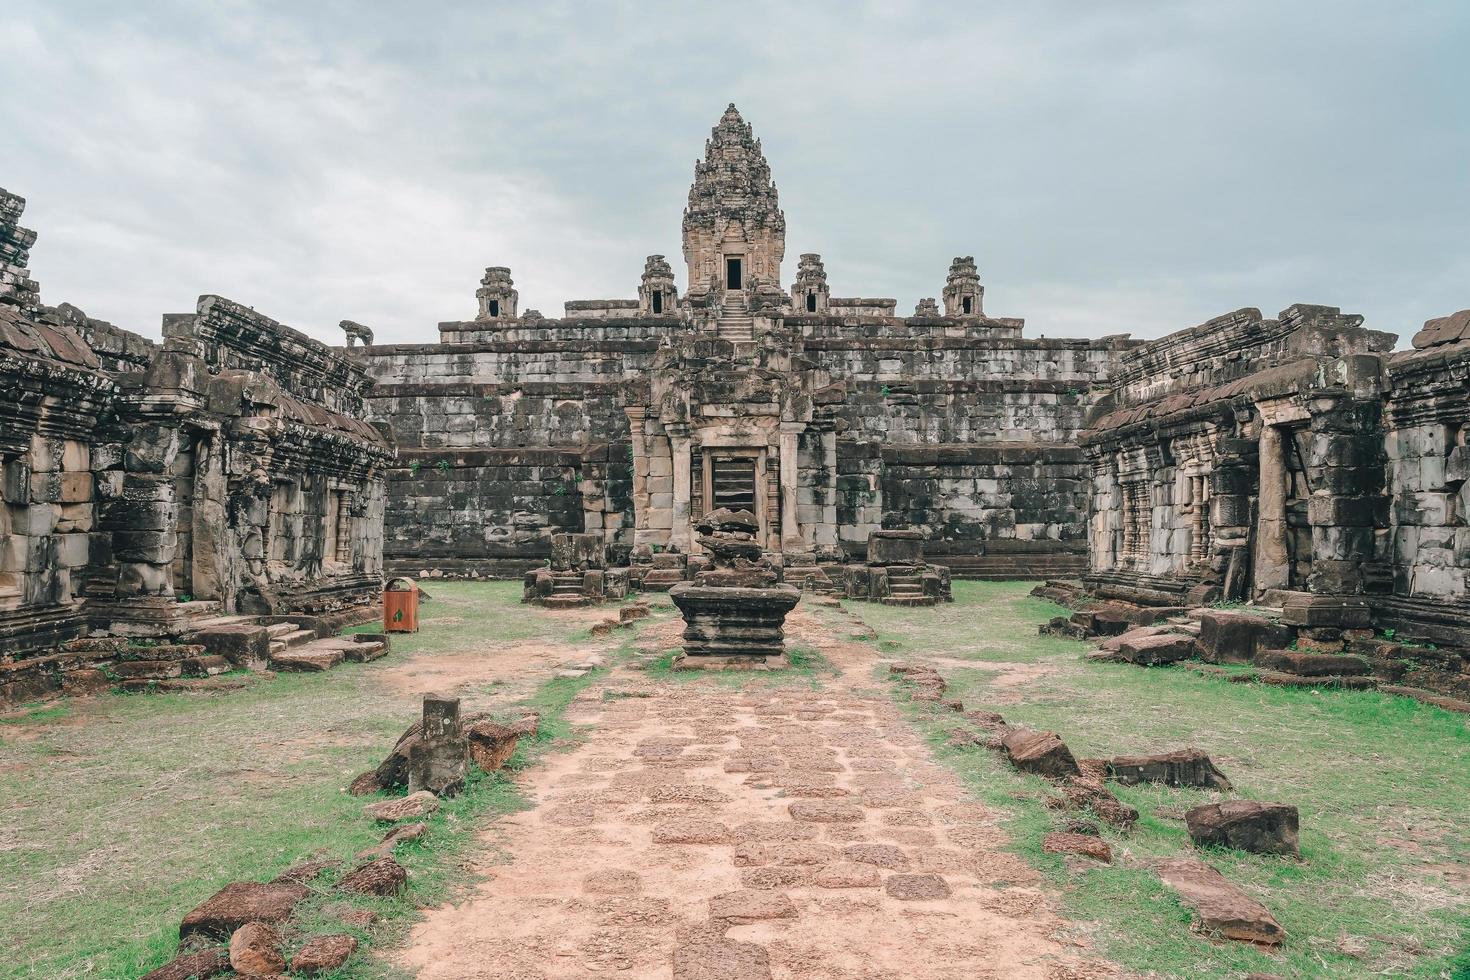 Templo de Bakong Prasat en el complejo de Angkor Wat, Siem Reap, Camboya foto